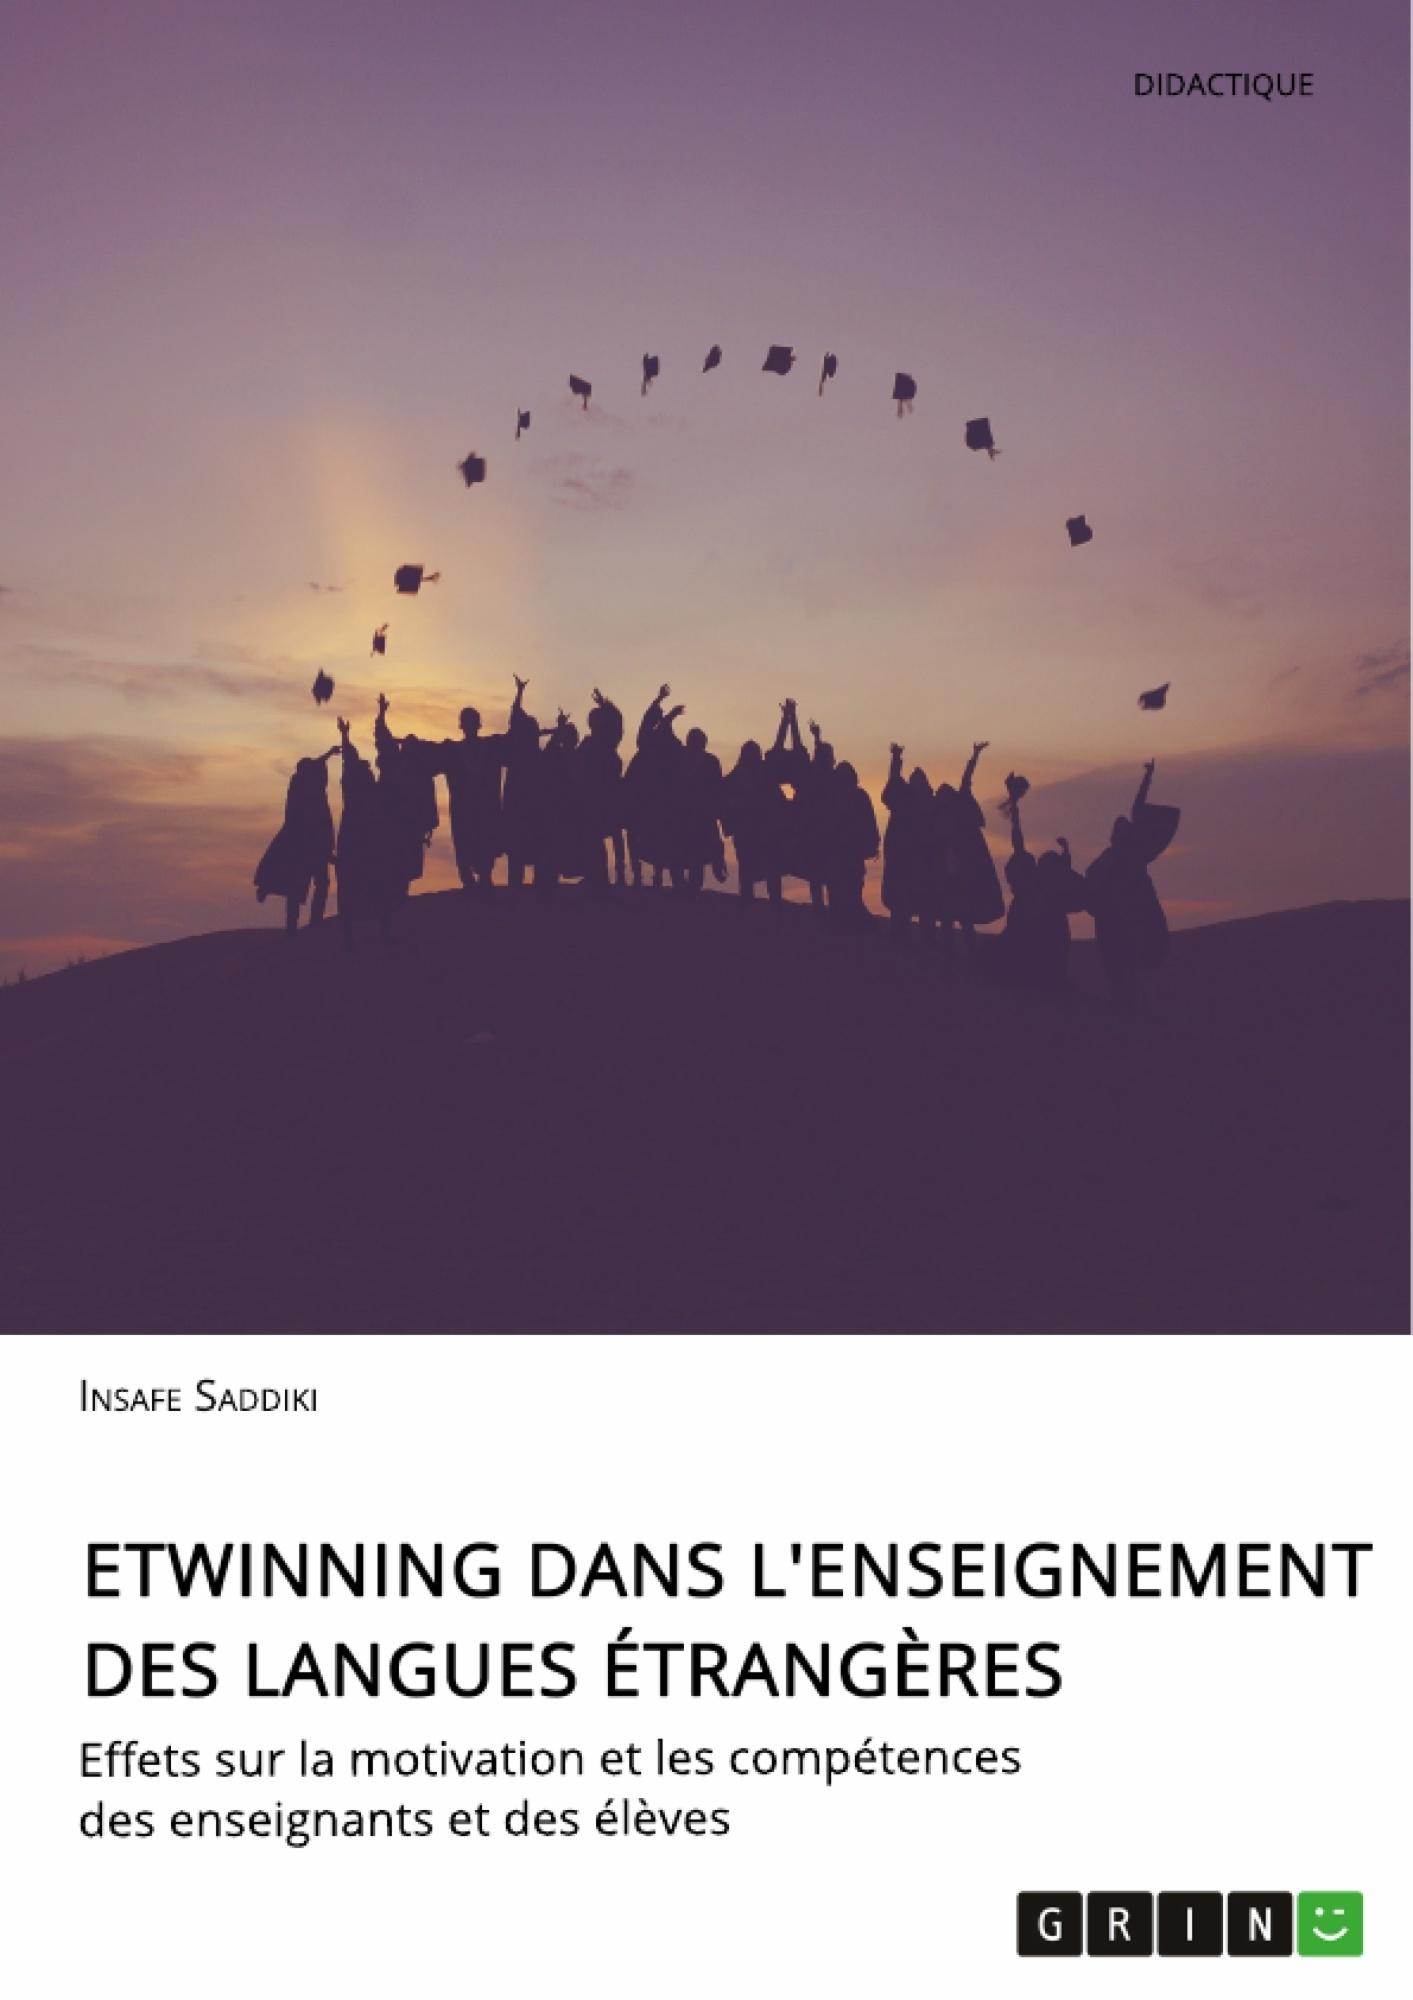 Titre: eTwinning dans l'enseignement des langues étrangères. Effets sur la motivation et les compétences des enseignants et des élèves